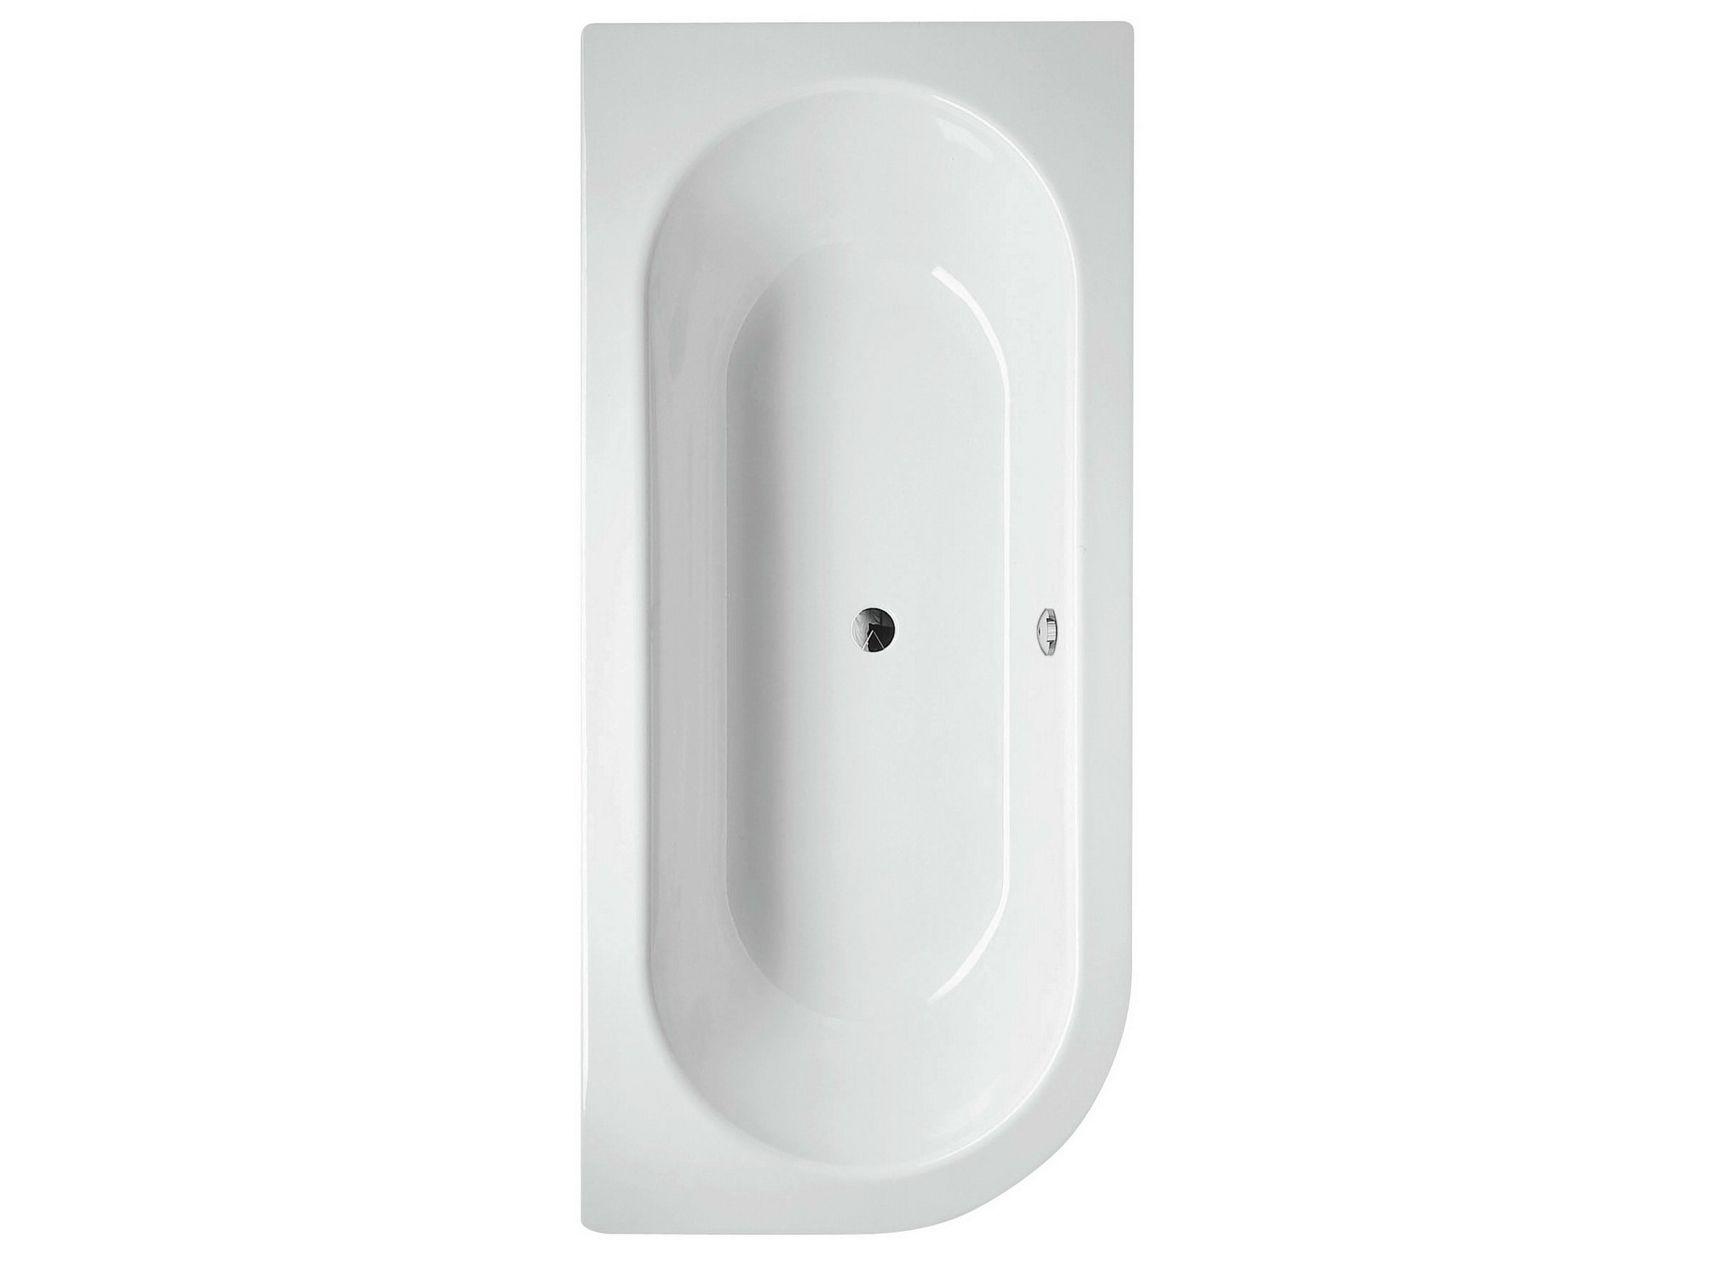 Vasca da bagno in acciaio smaltato da incasso bettestarlet v by bette - Vasche da bagno in acciaio smaltato ...